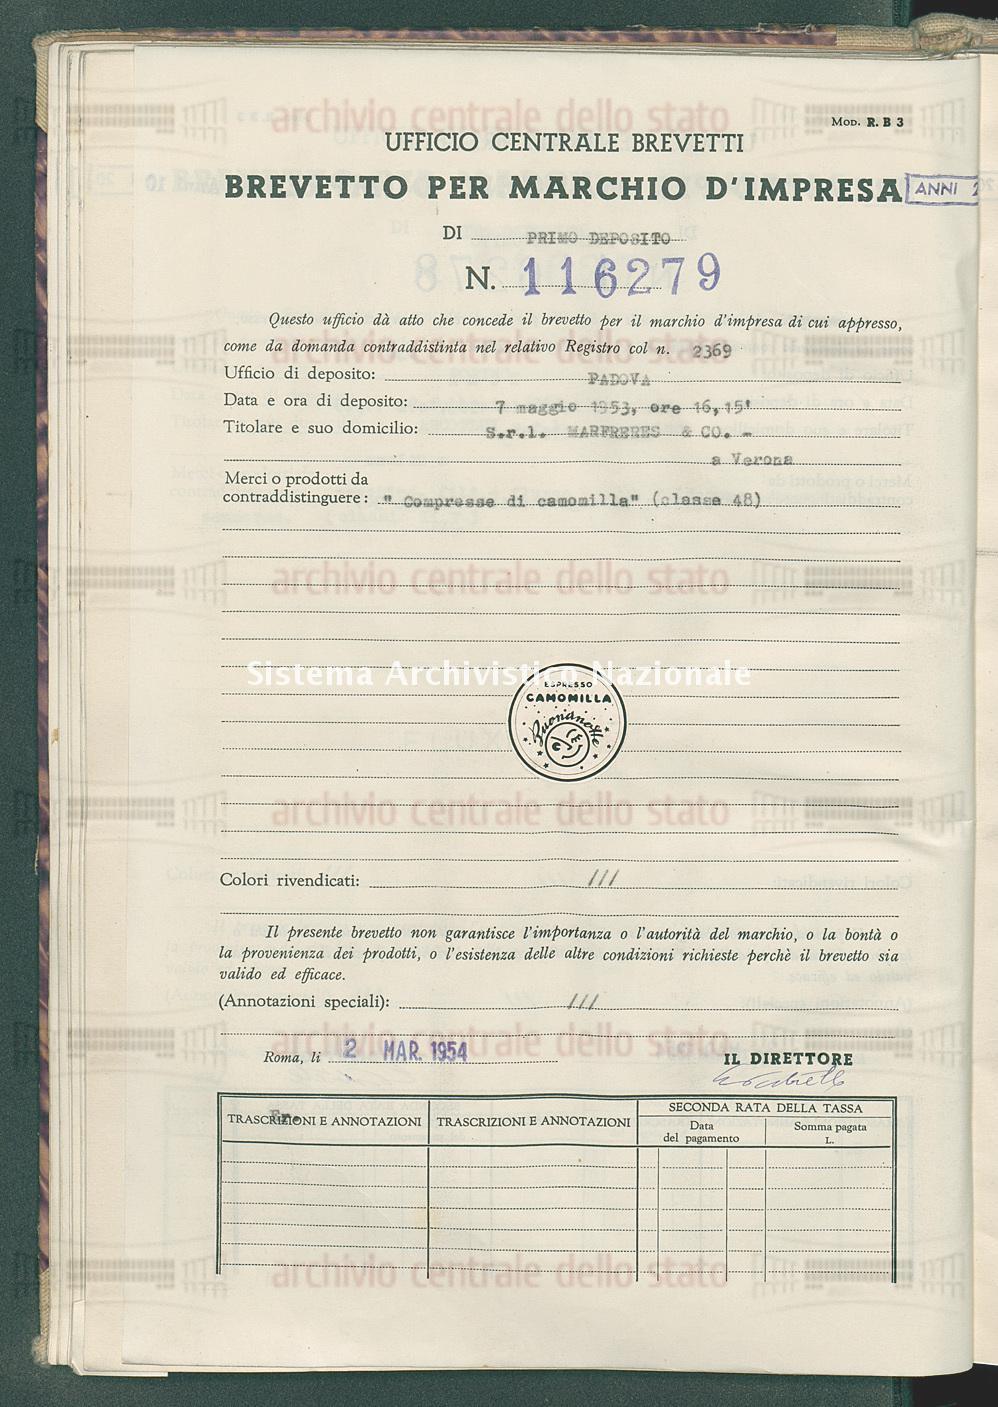 'Compresse di camomilla' S.R.L.Marfreres & Co. (02/03/1954)